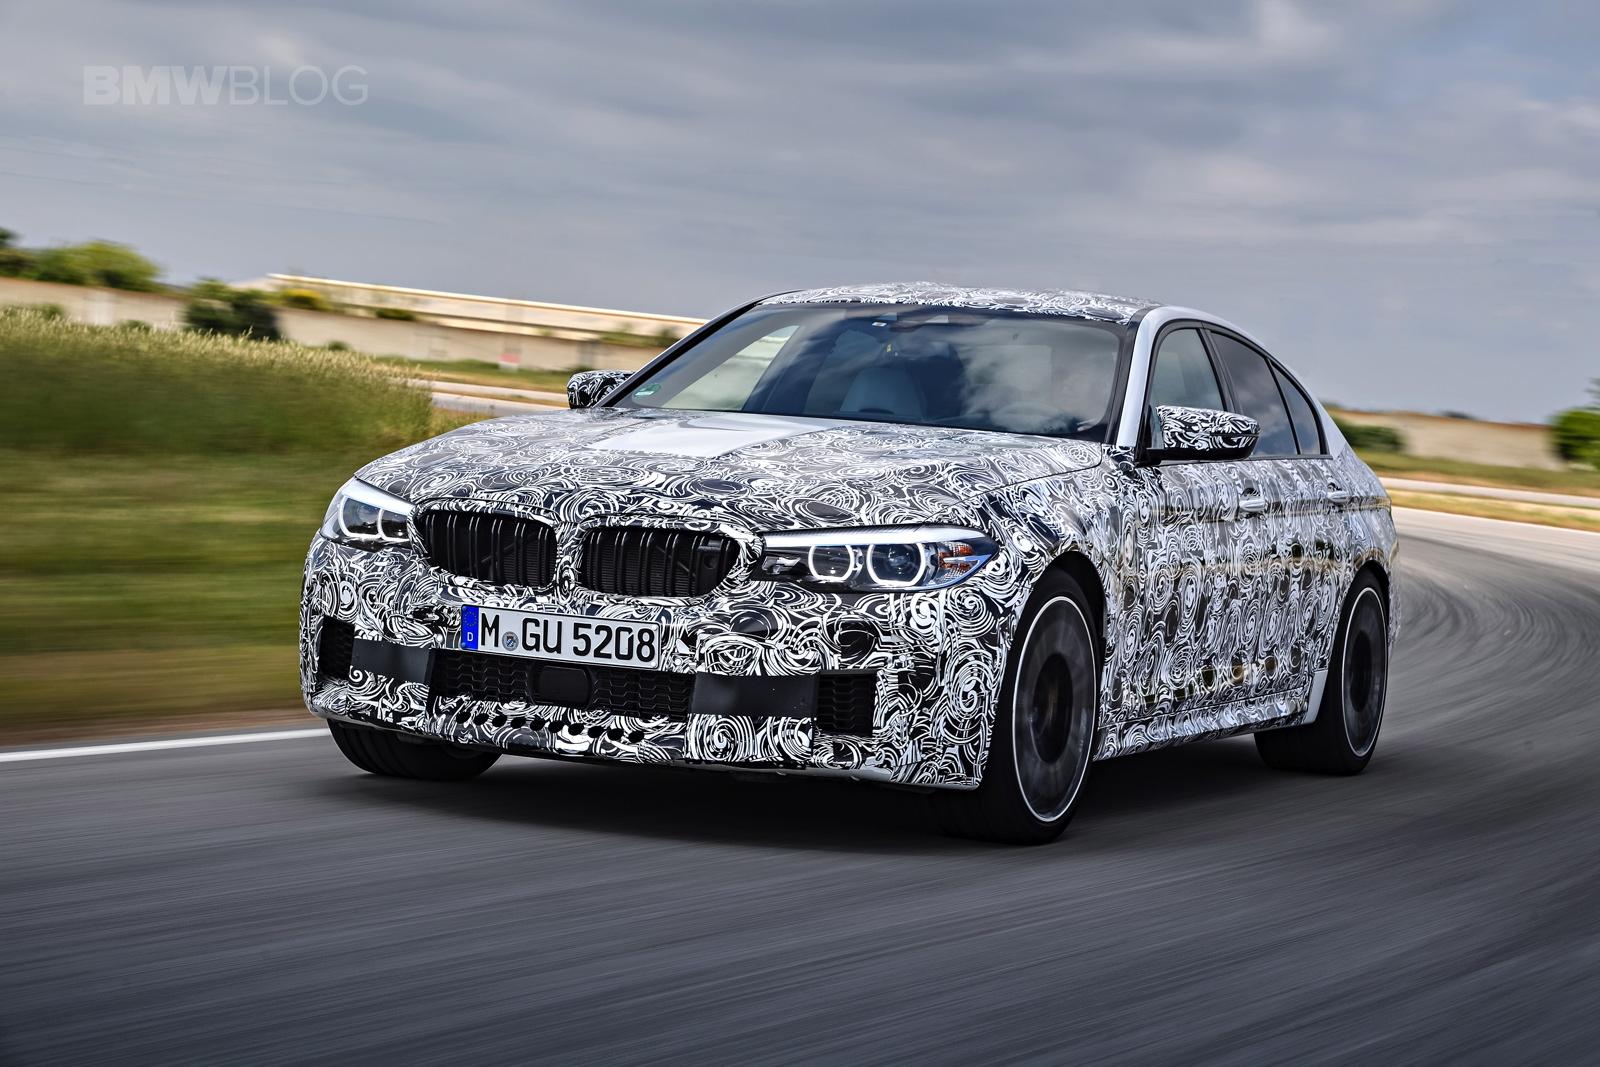 2018 BMW M5 pre production drive 15